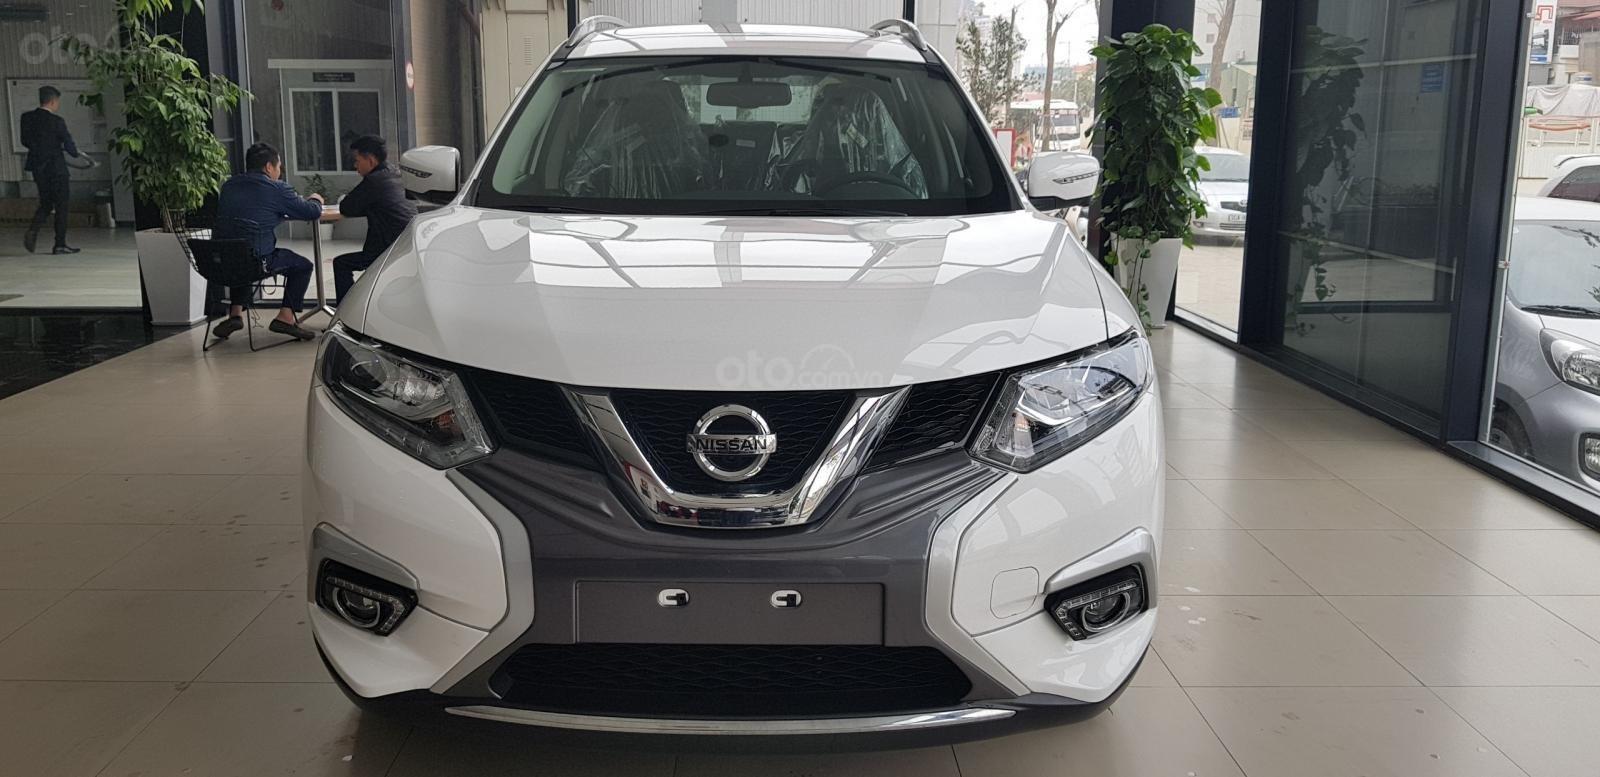 Giá lăn bánh xe Nissan X-Trail 2019 tại Việt Nam sau khi có giá niêm yết mới a1